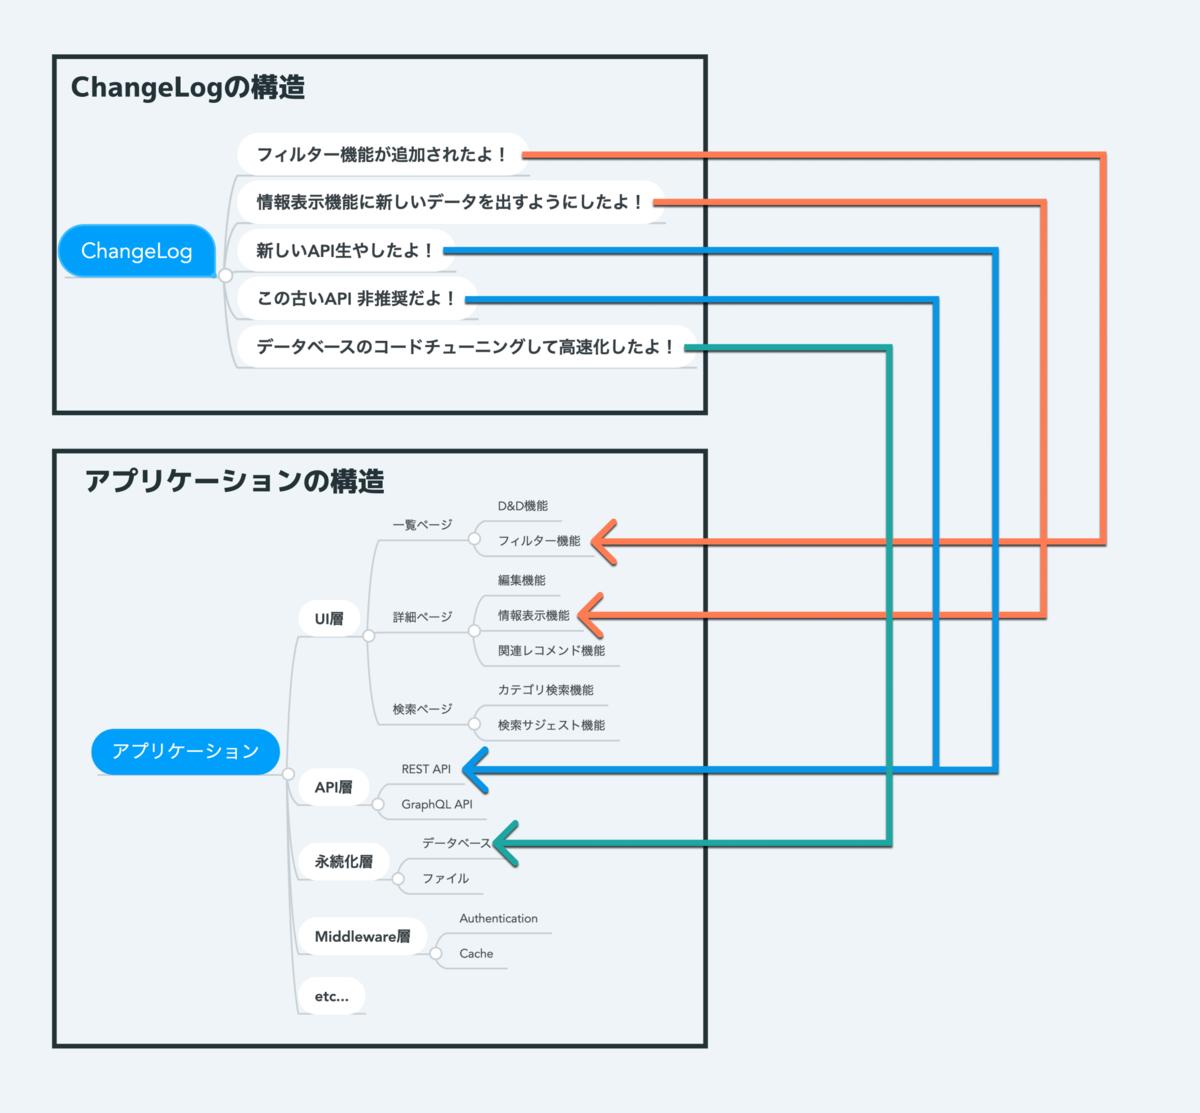 Changelogの変更点をきっかけにアプリケーション内部の構造がわかる